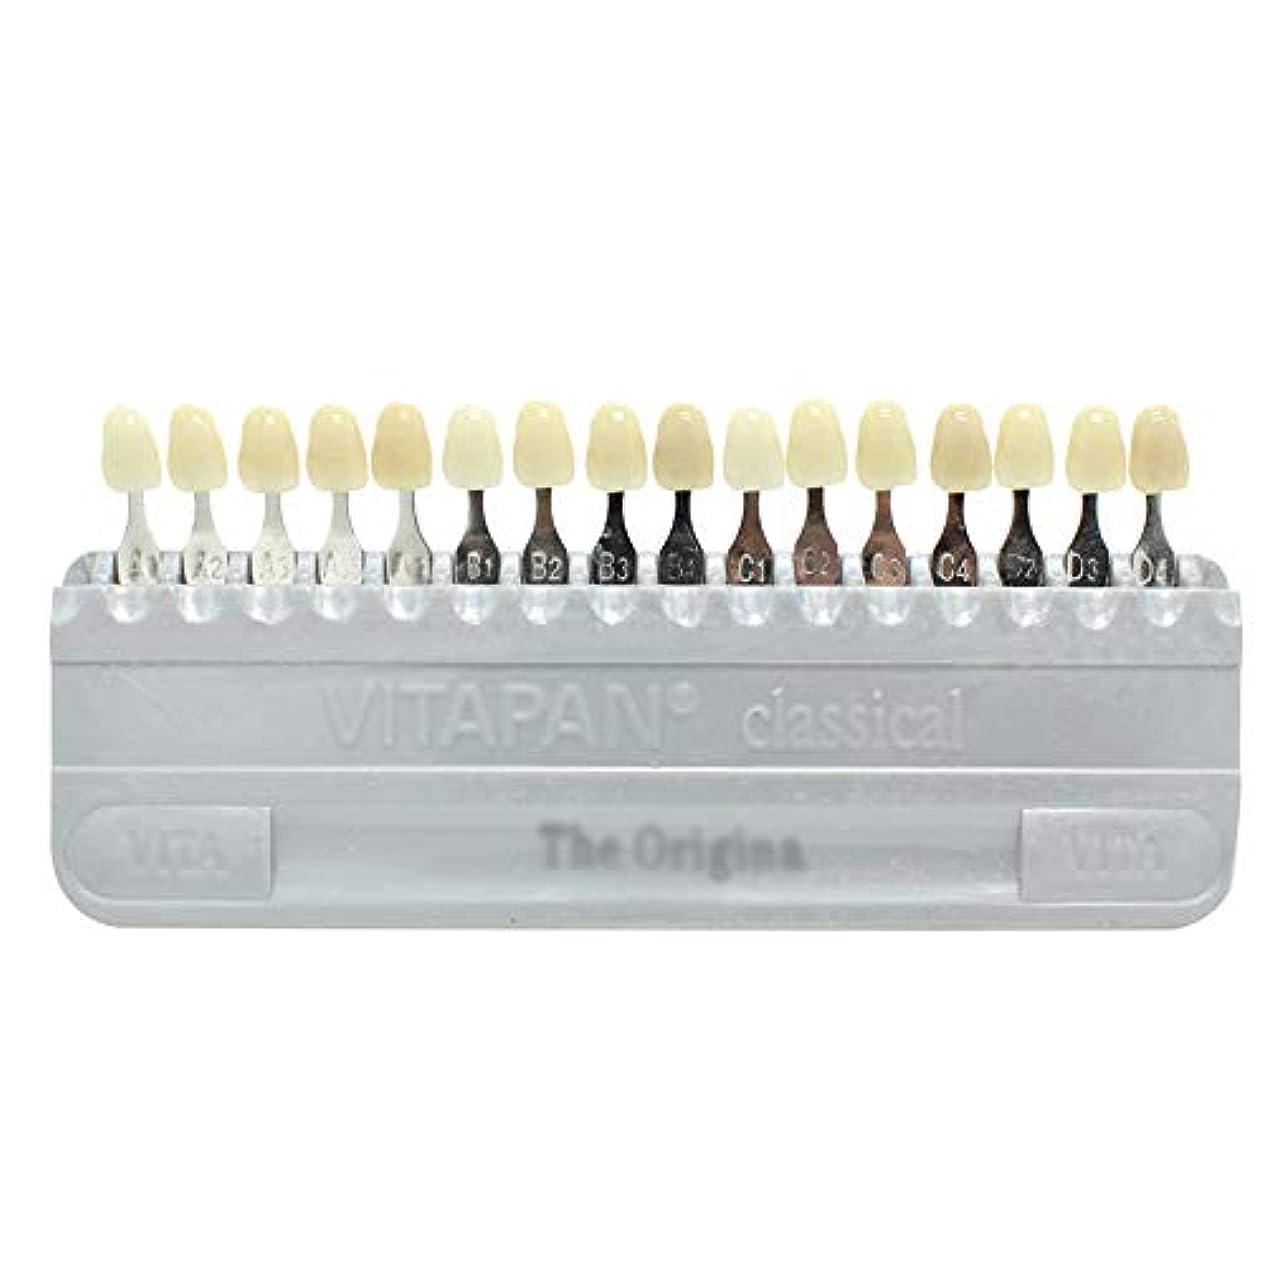 ワイプ溶かす興奮するPochiDen 歯科ホワイトニング用シェードガイド 16色 3D 歯列模型ボード